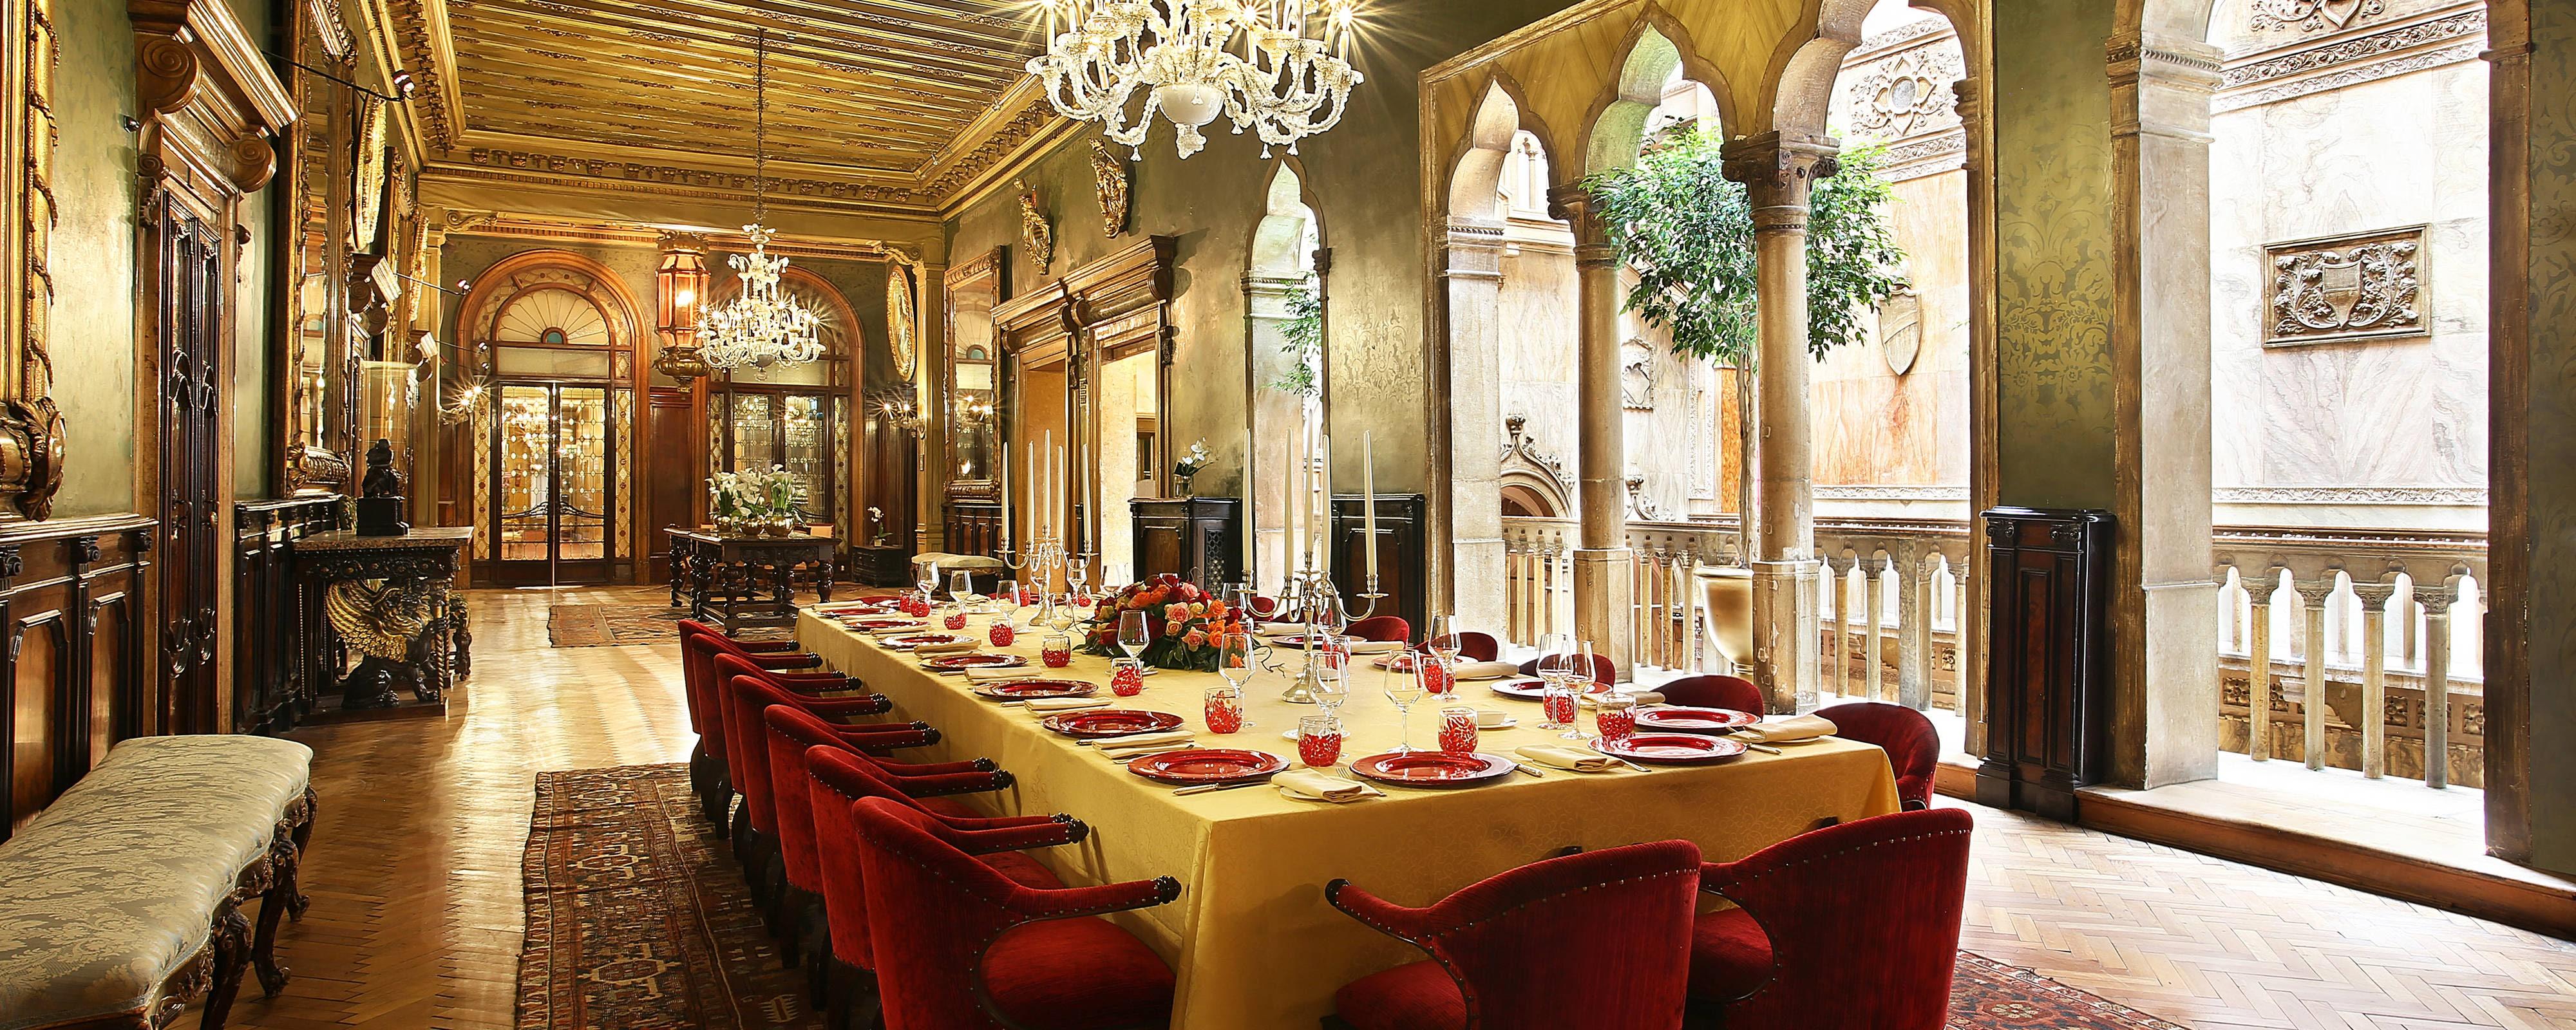 Piano Nobile Banquet